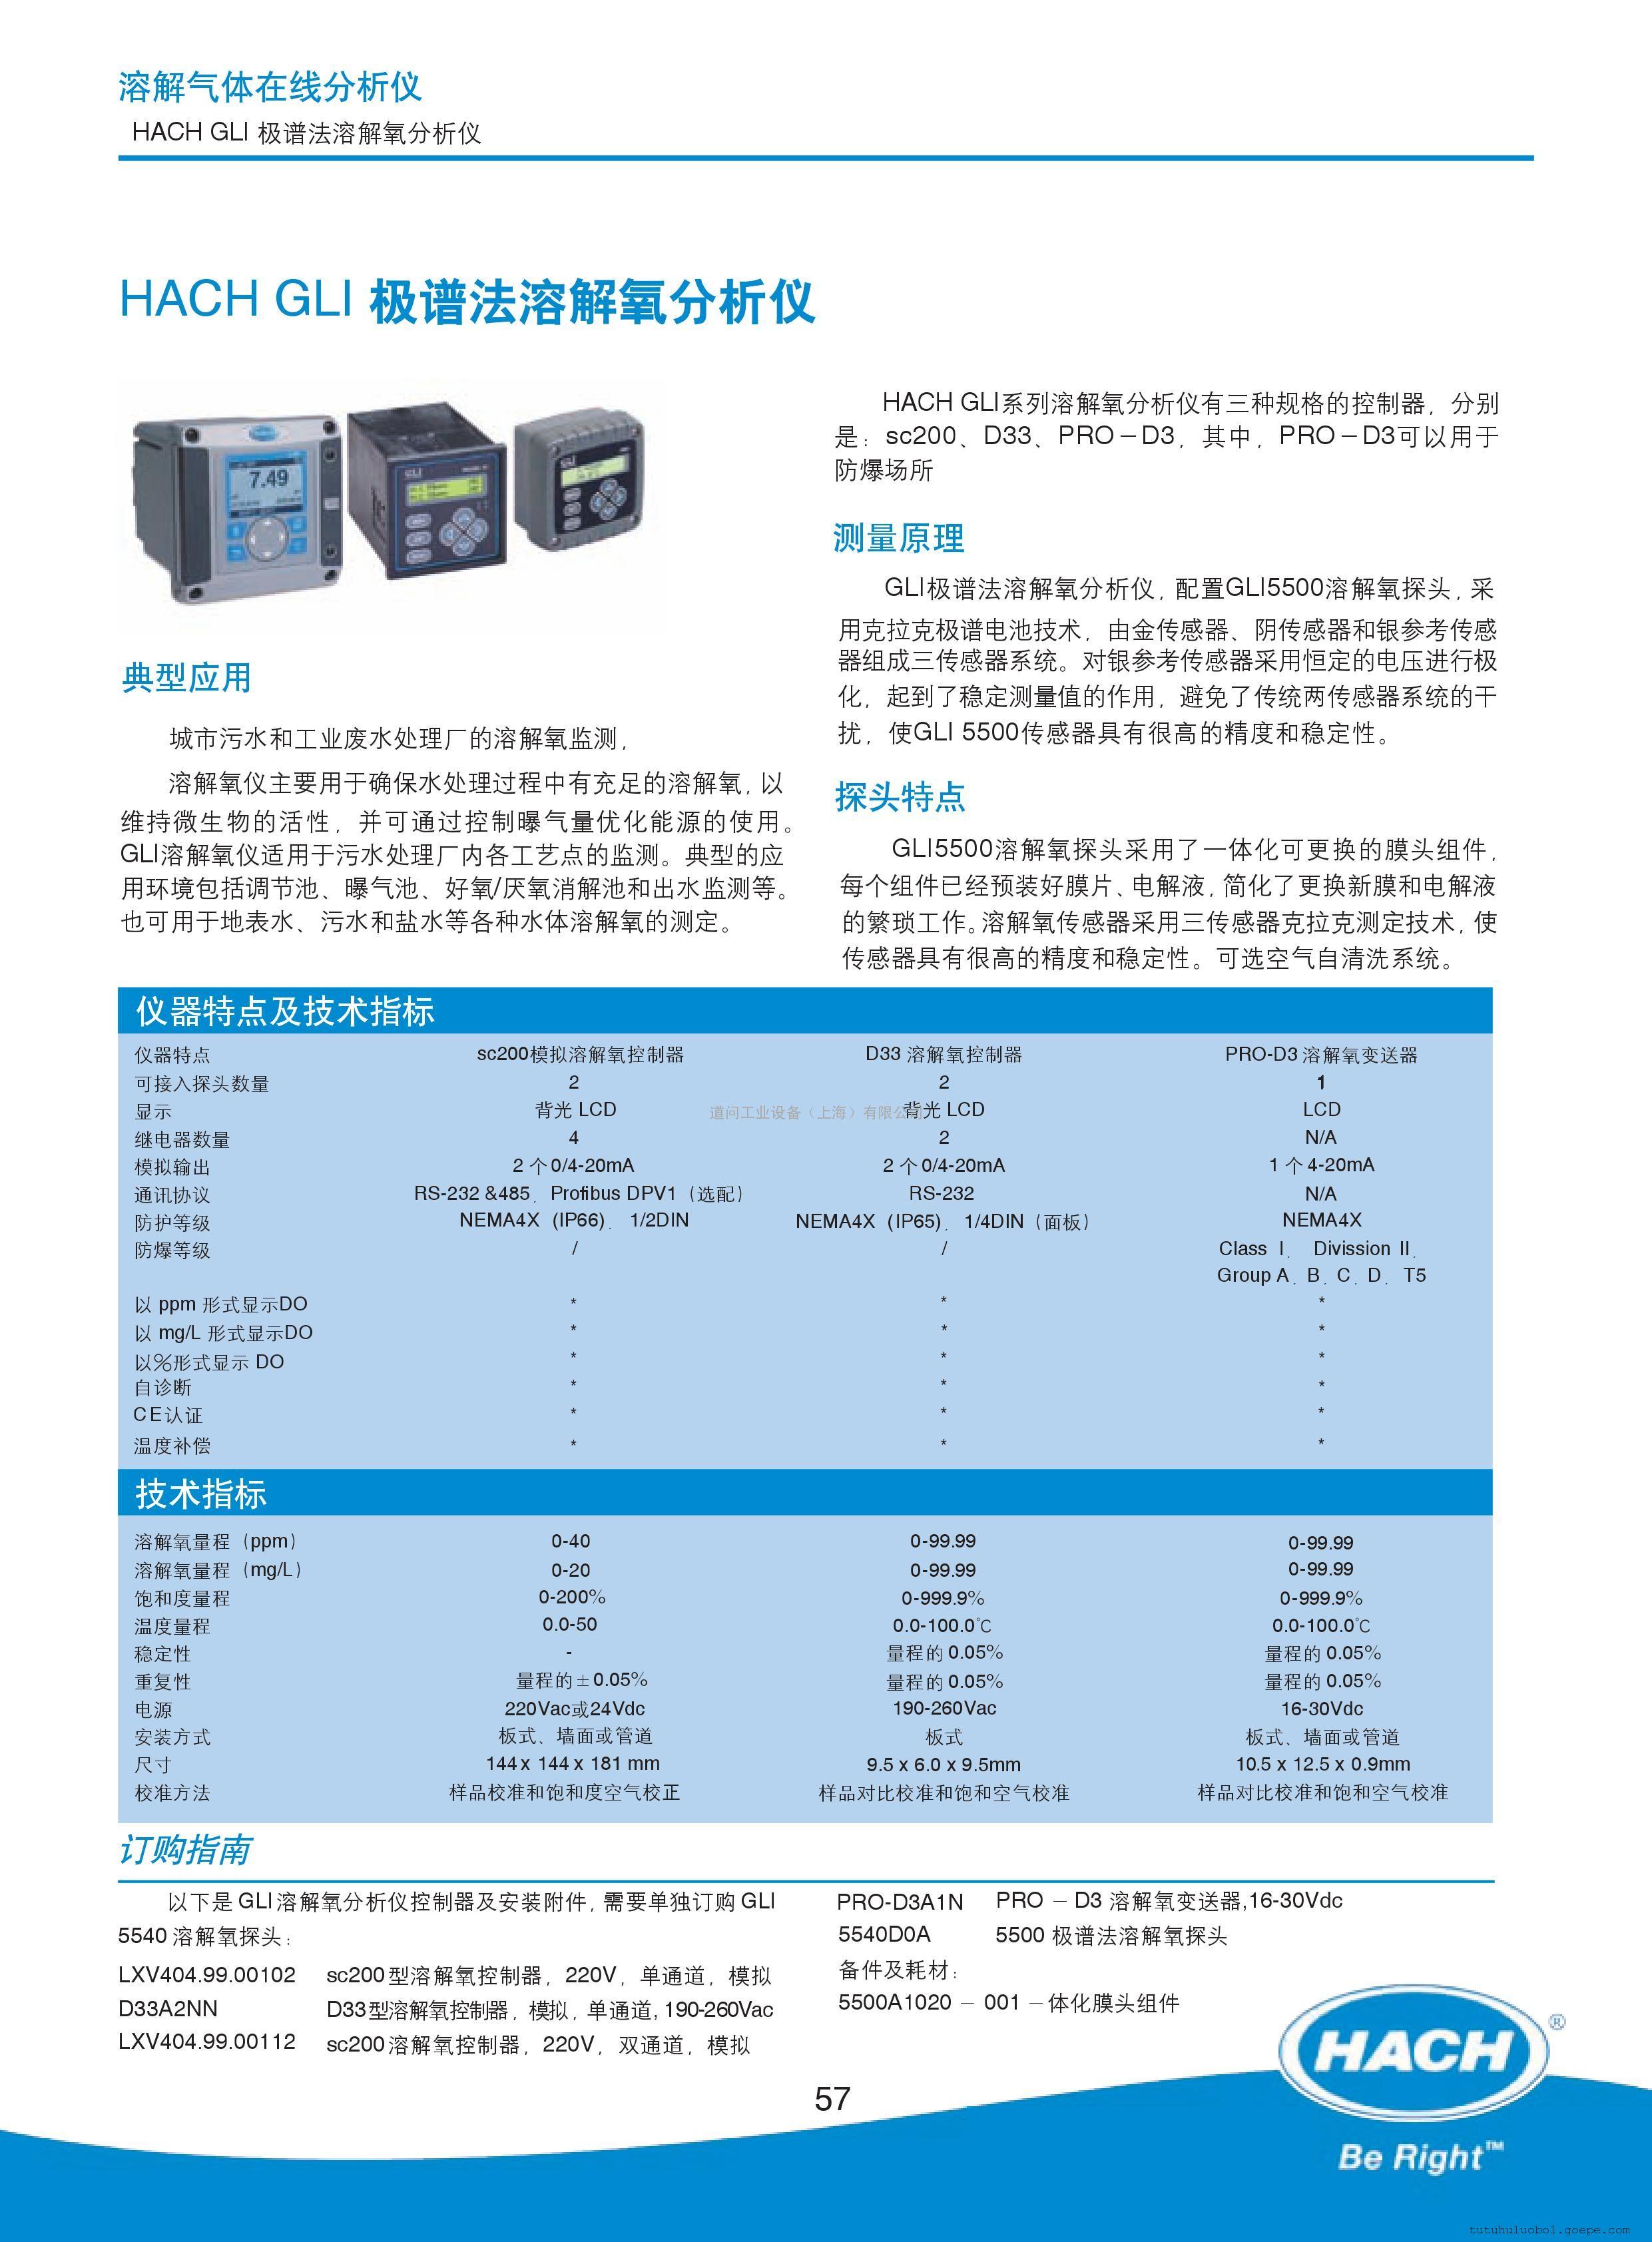 6米电缆,浸入式安装,金属接头(只与gli硬件接线盒使用) 5540d0c: 550